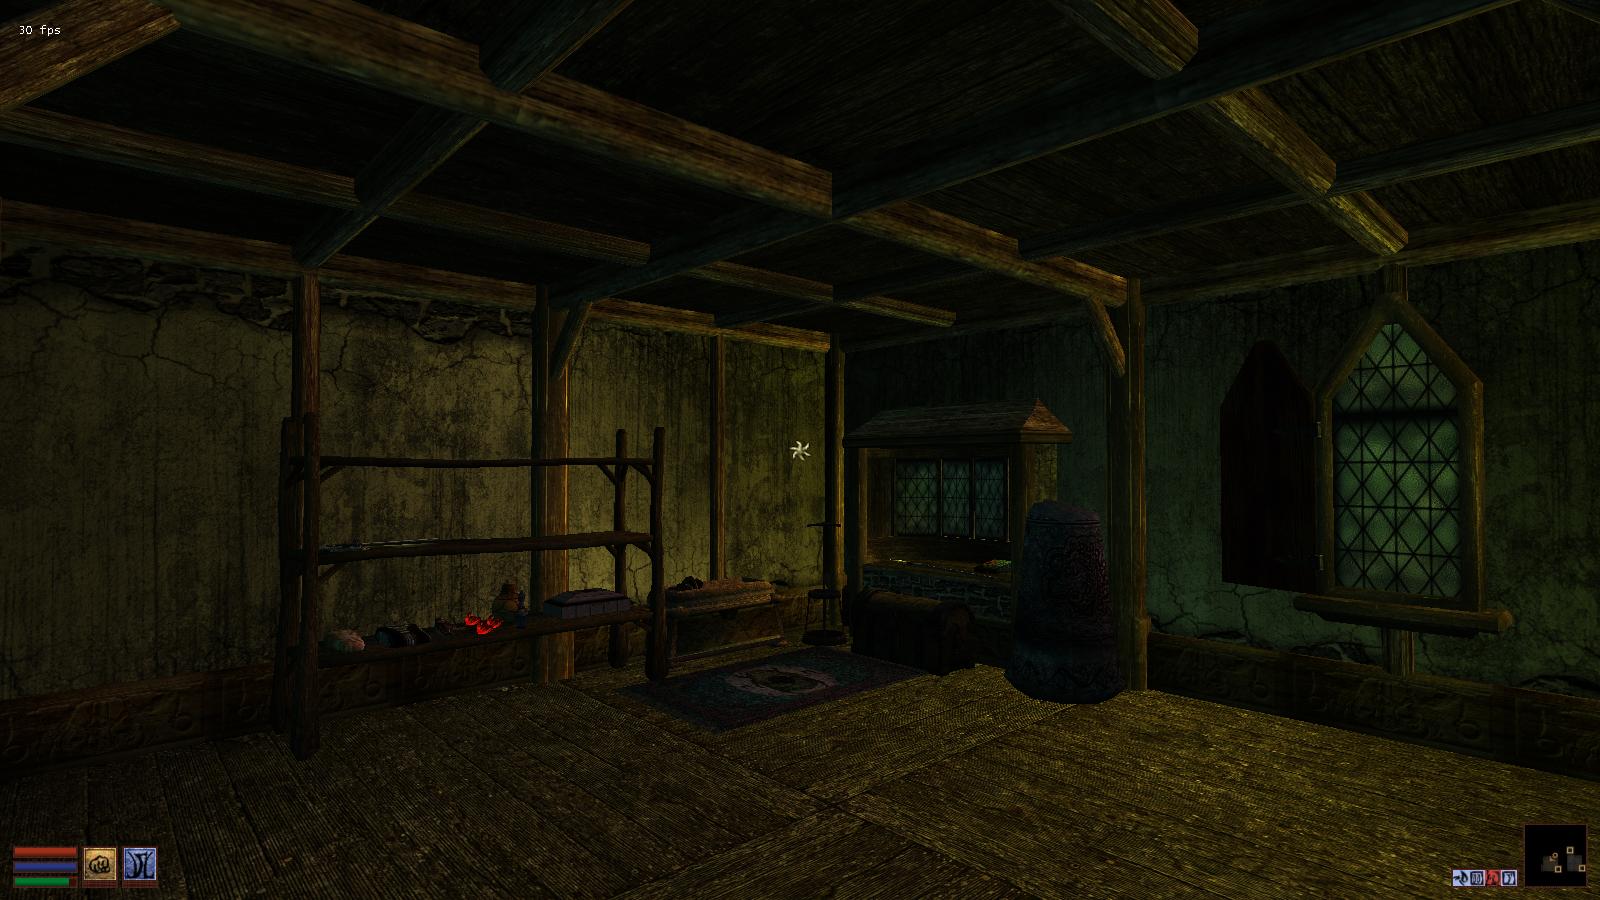 Morrowind Fps Mod